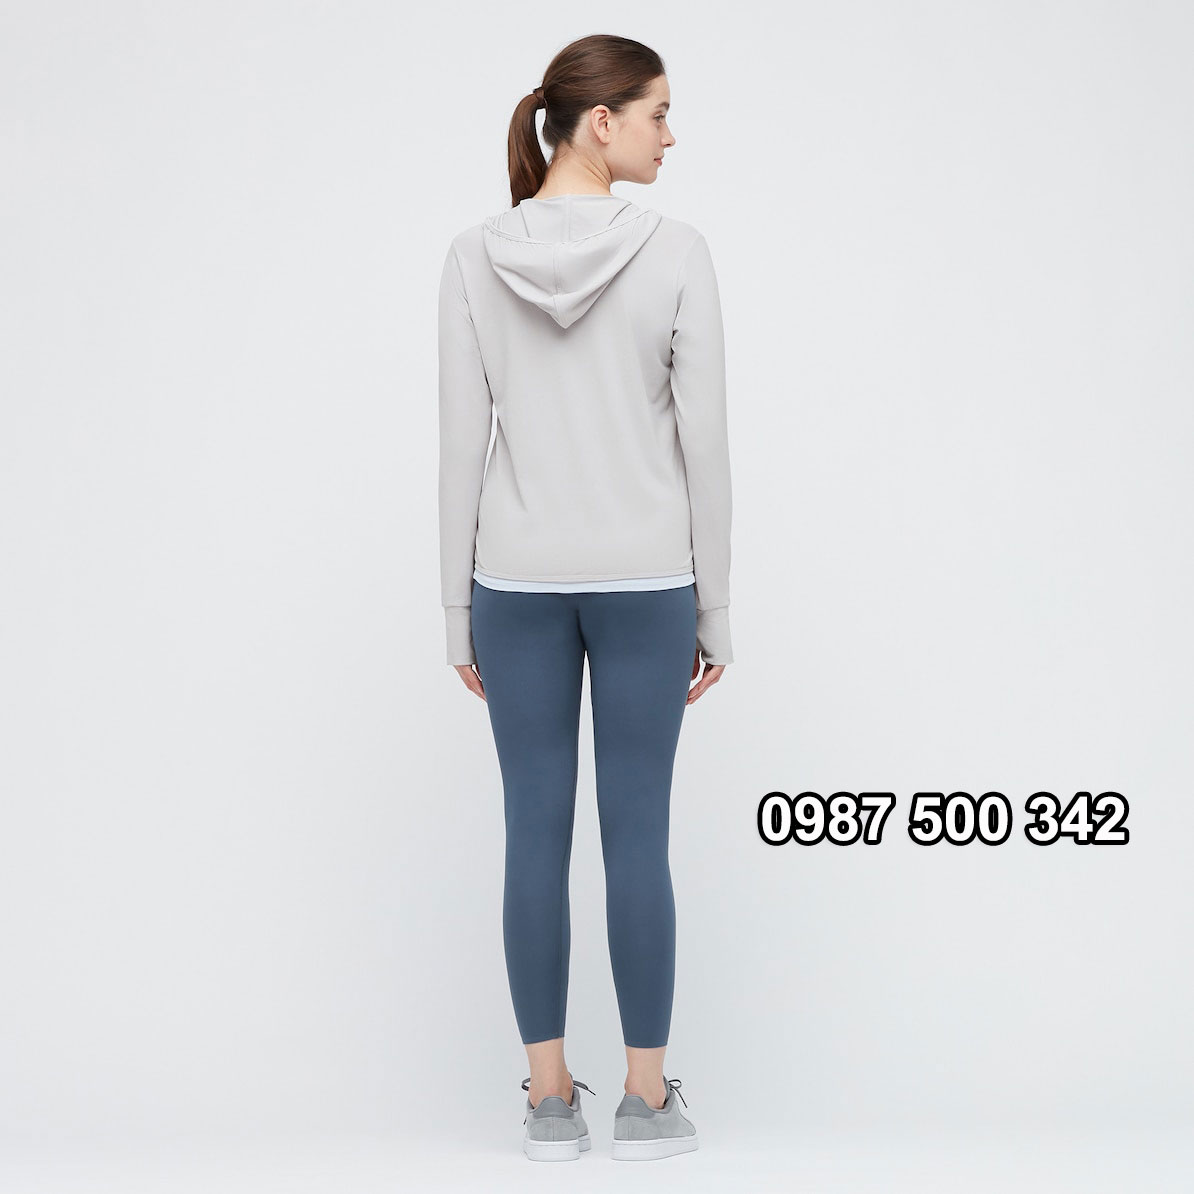 Mặt sau áo chống nắng Uniqlo 2021